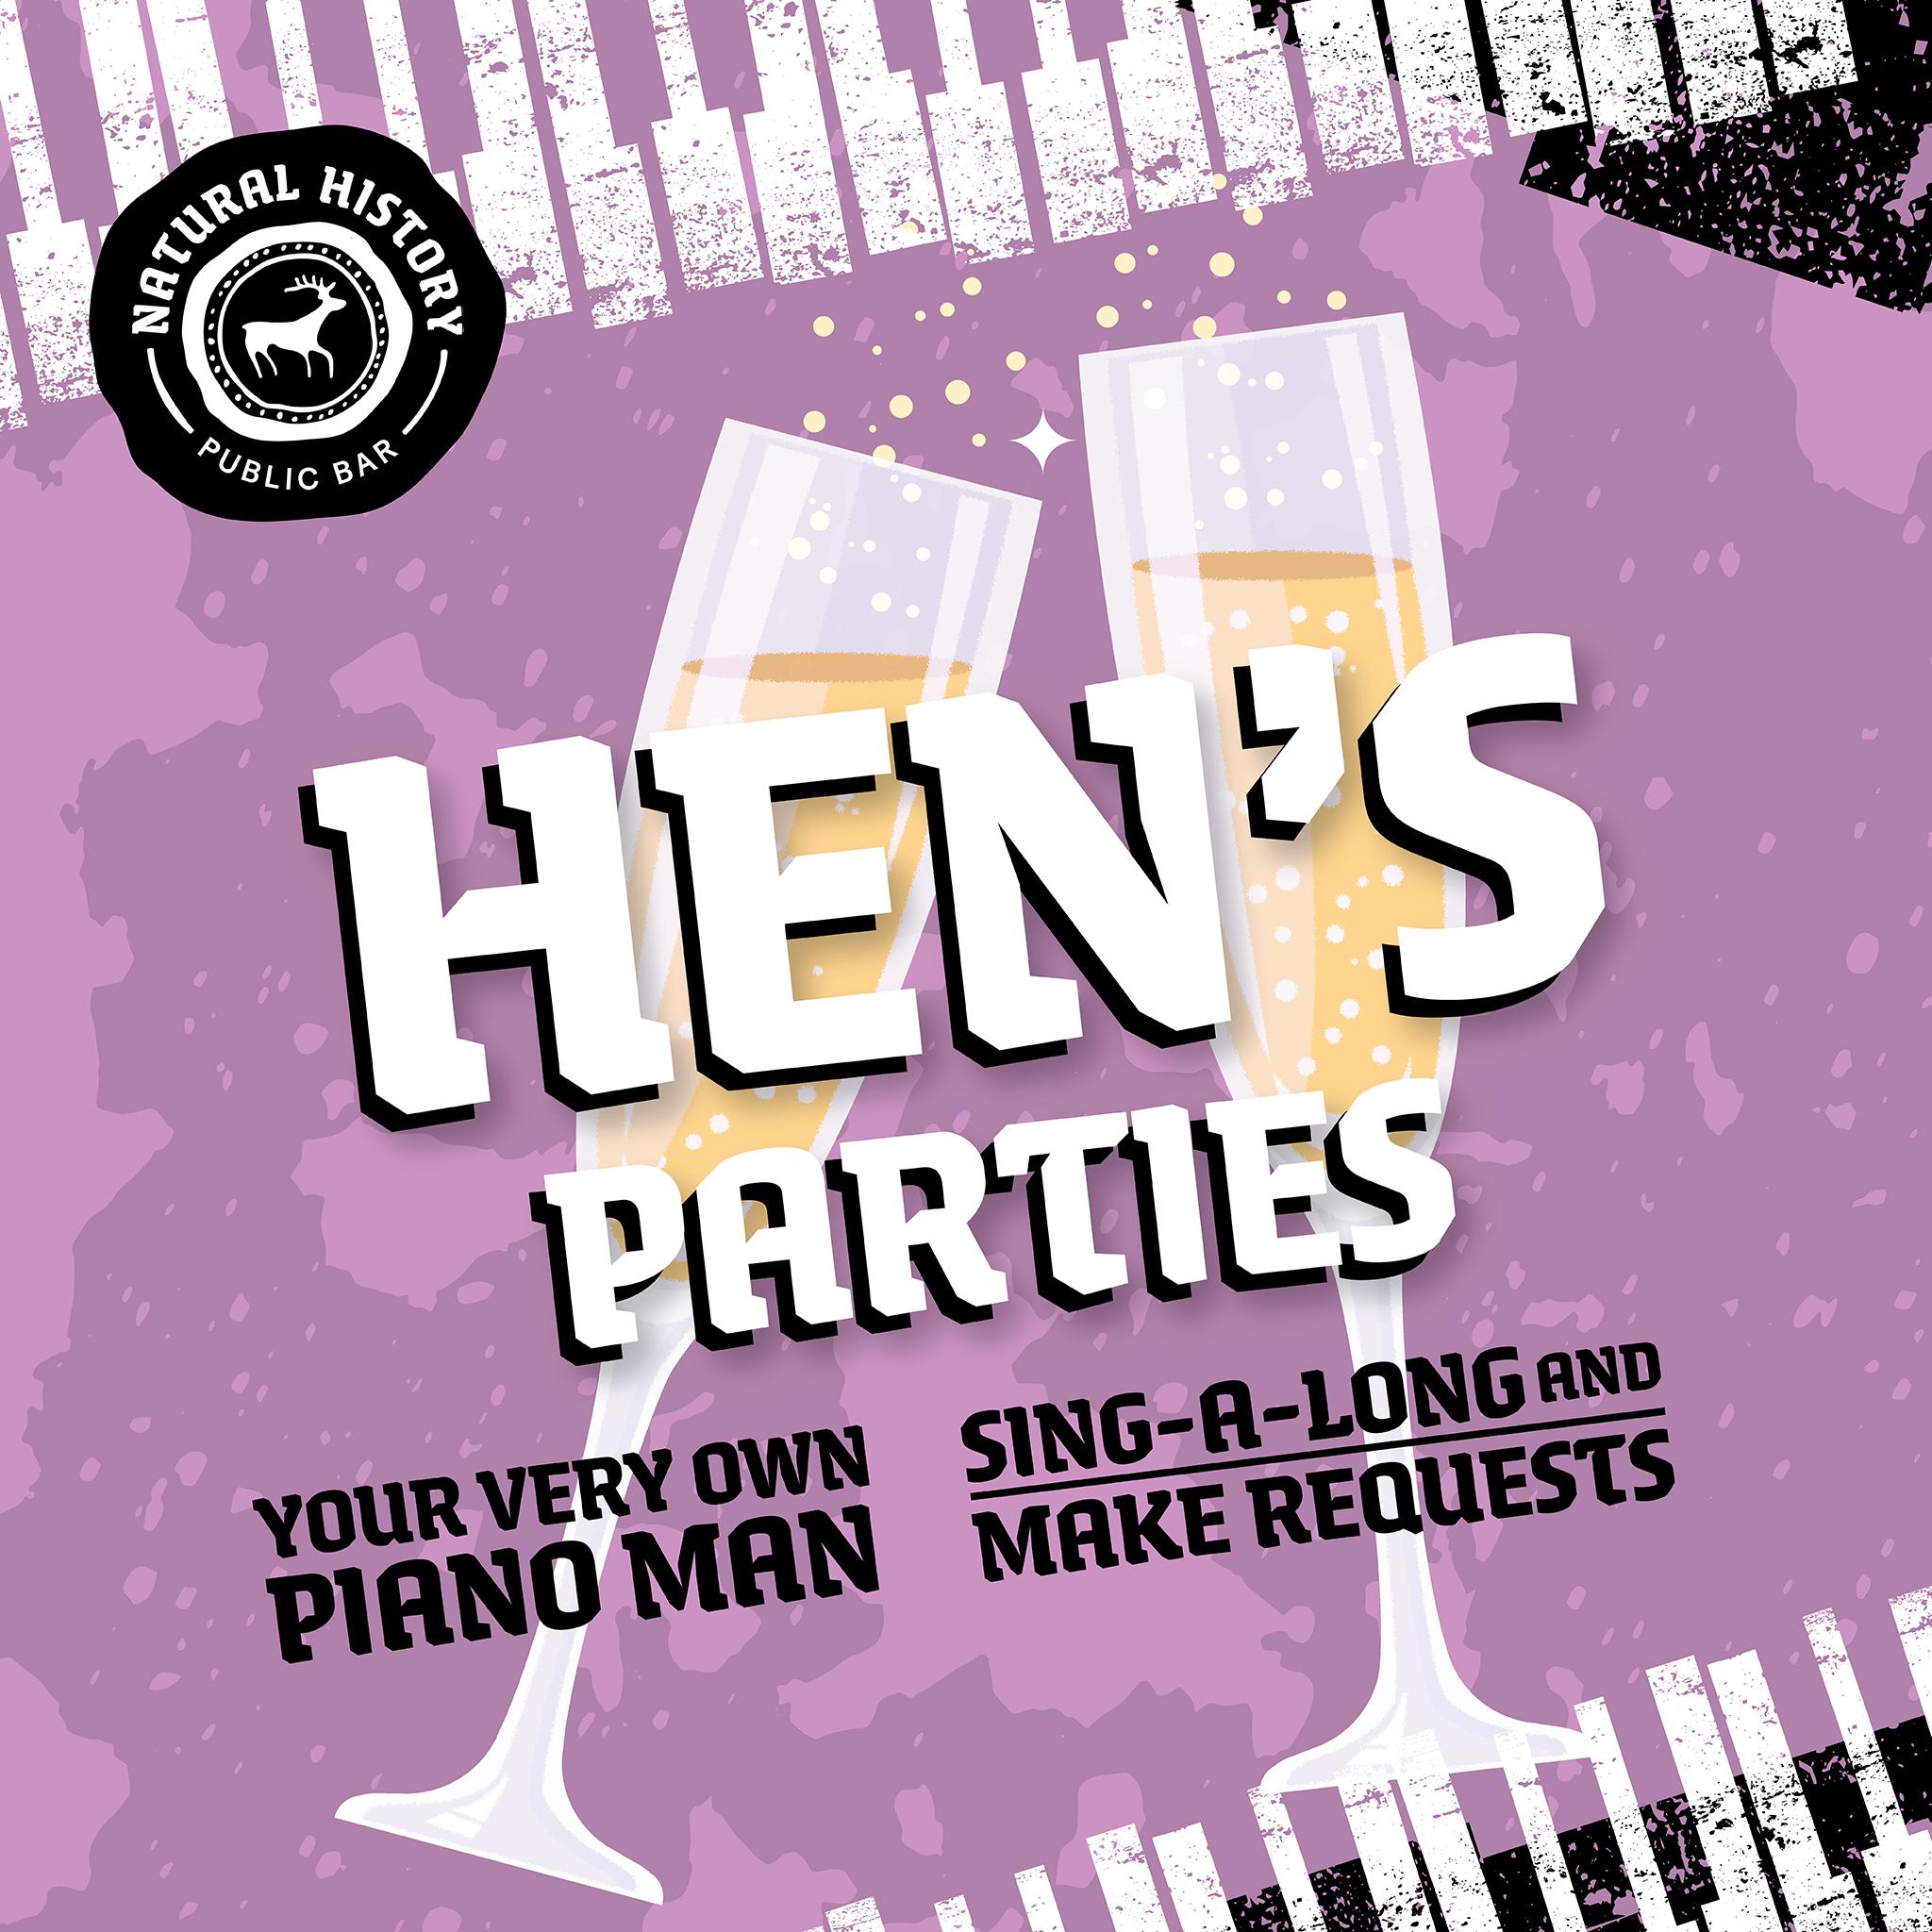 478171_Hens Party Square_v2_080719.jpg